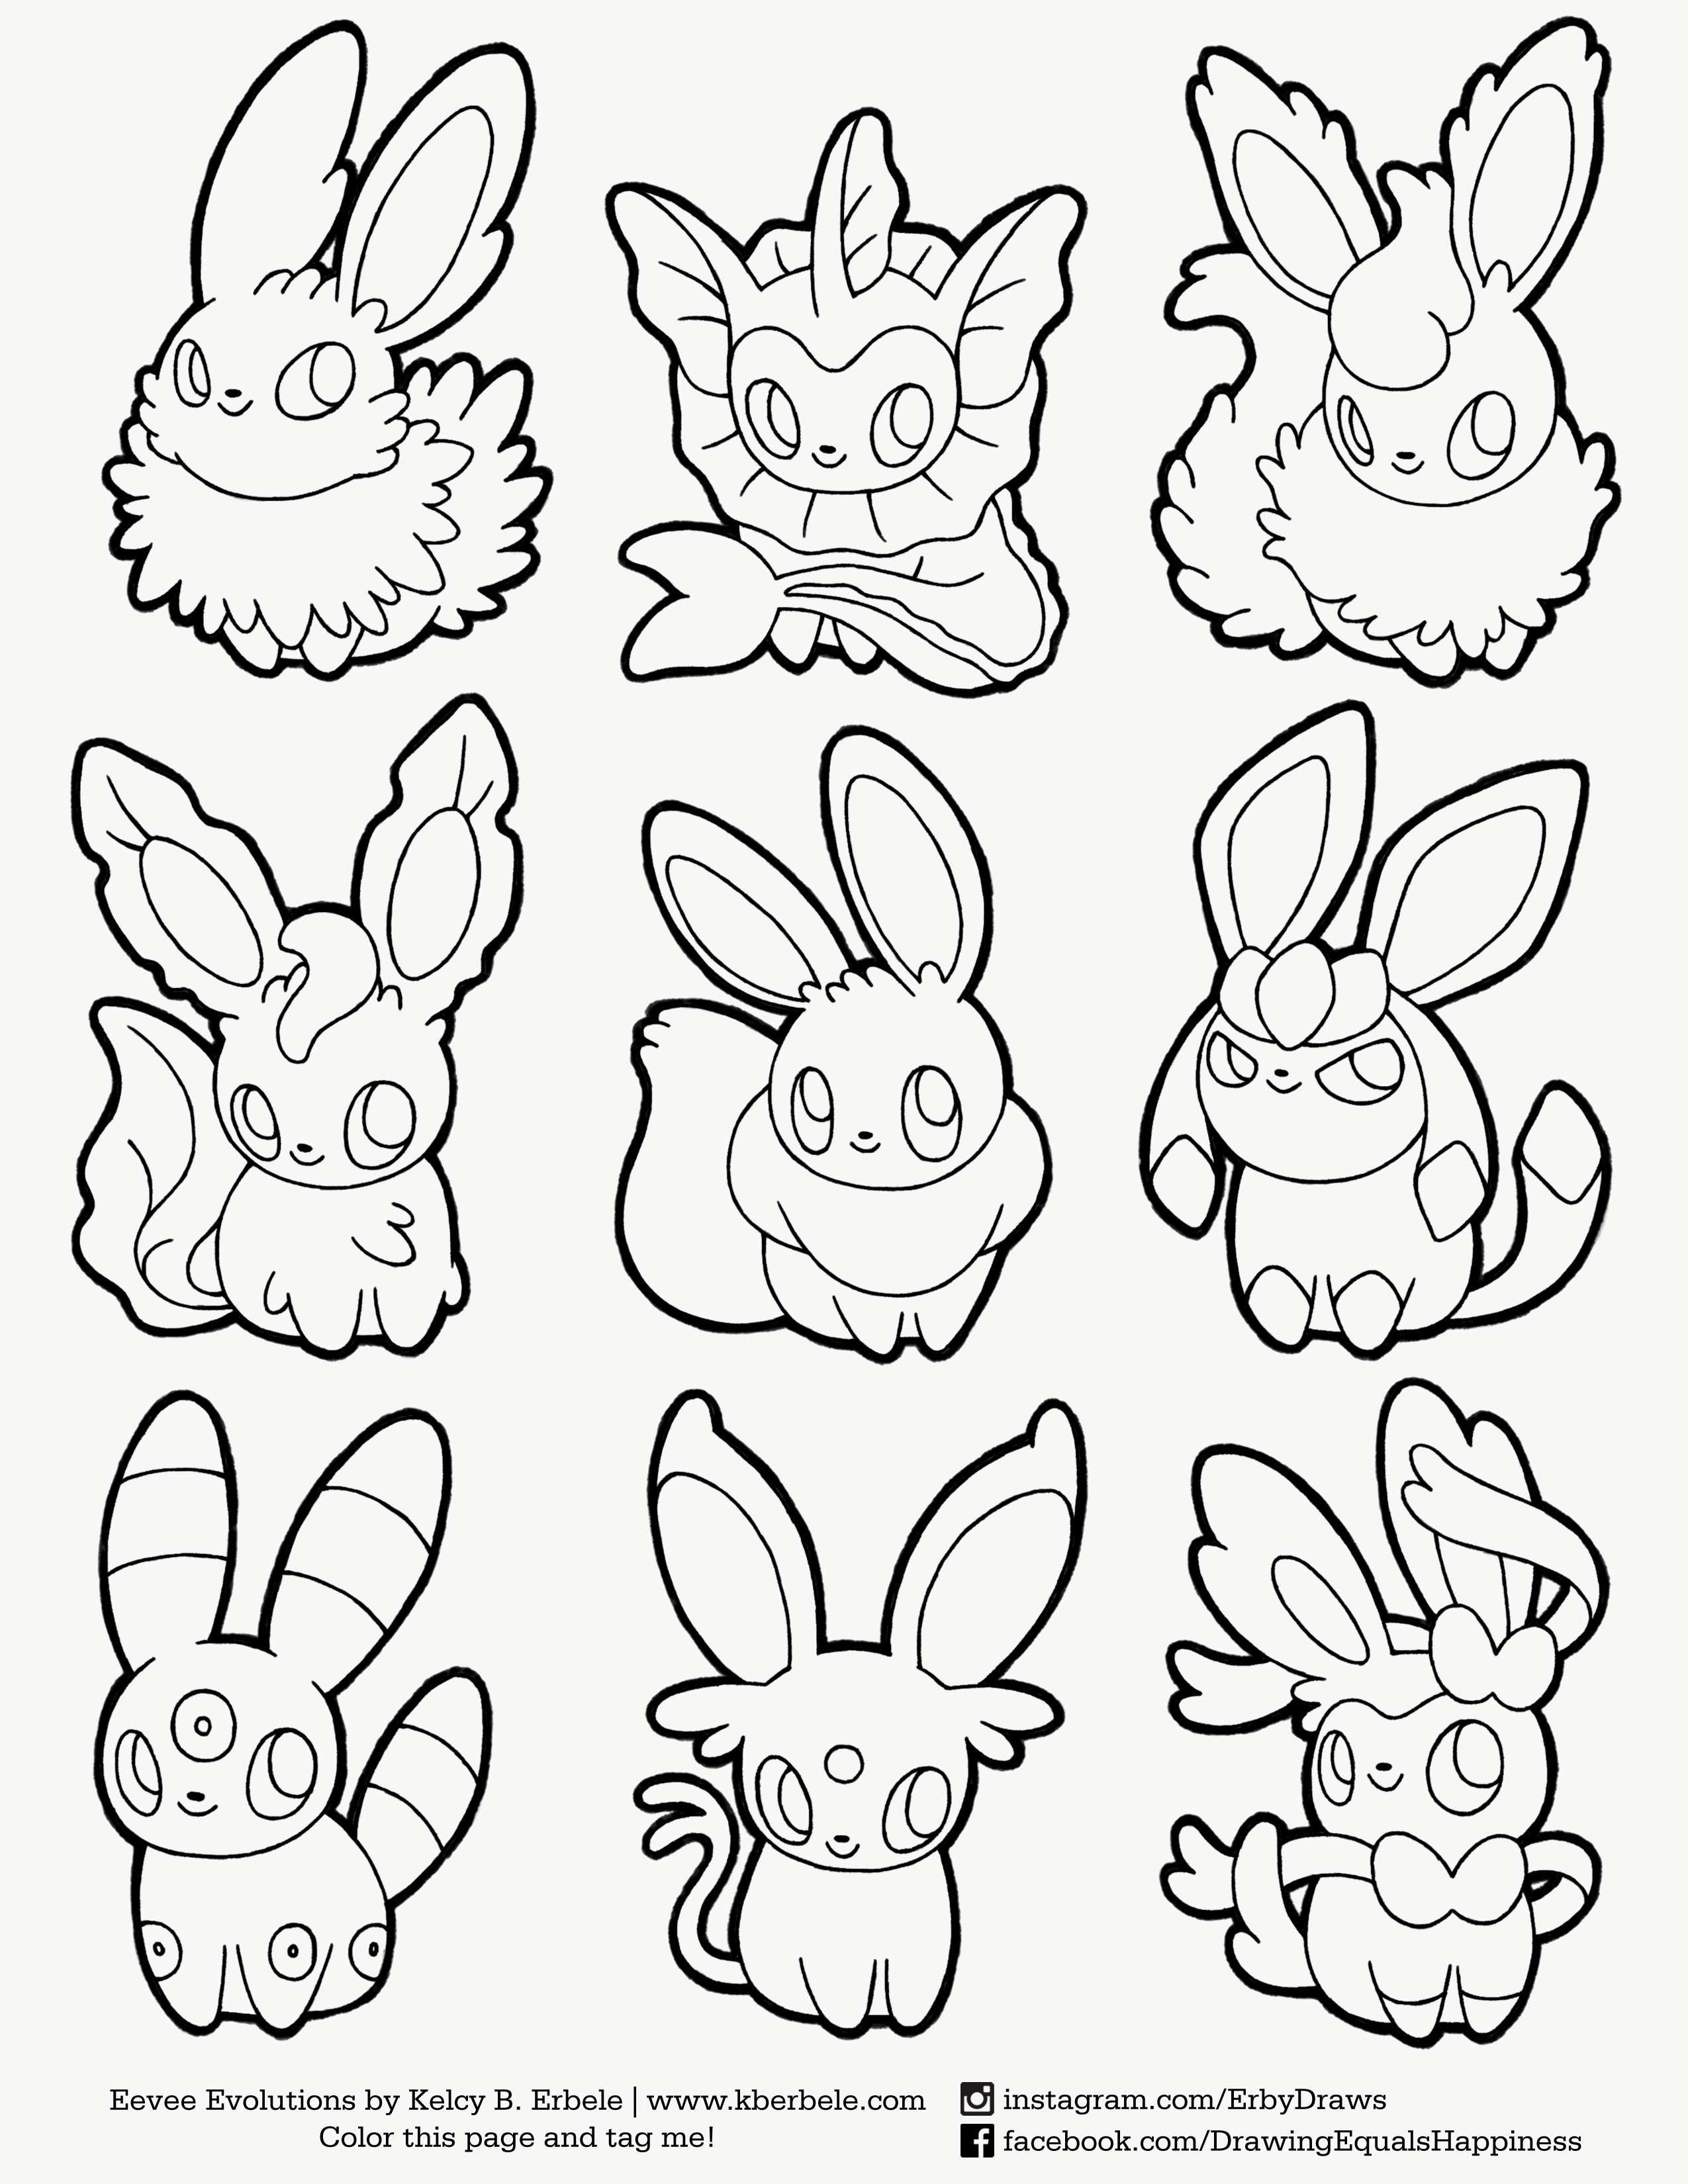 Pokemon Ausmalbilder Kostenlos Genial Coloring Pages Lucario New Bayern Ausmalbilder Frisch Igel Bild